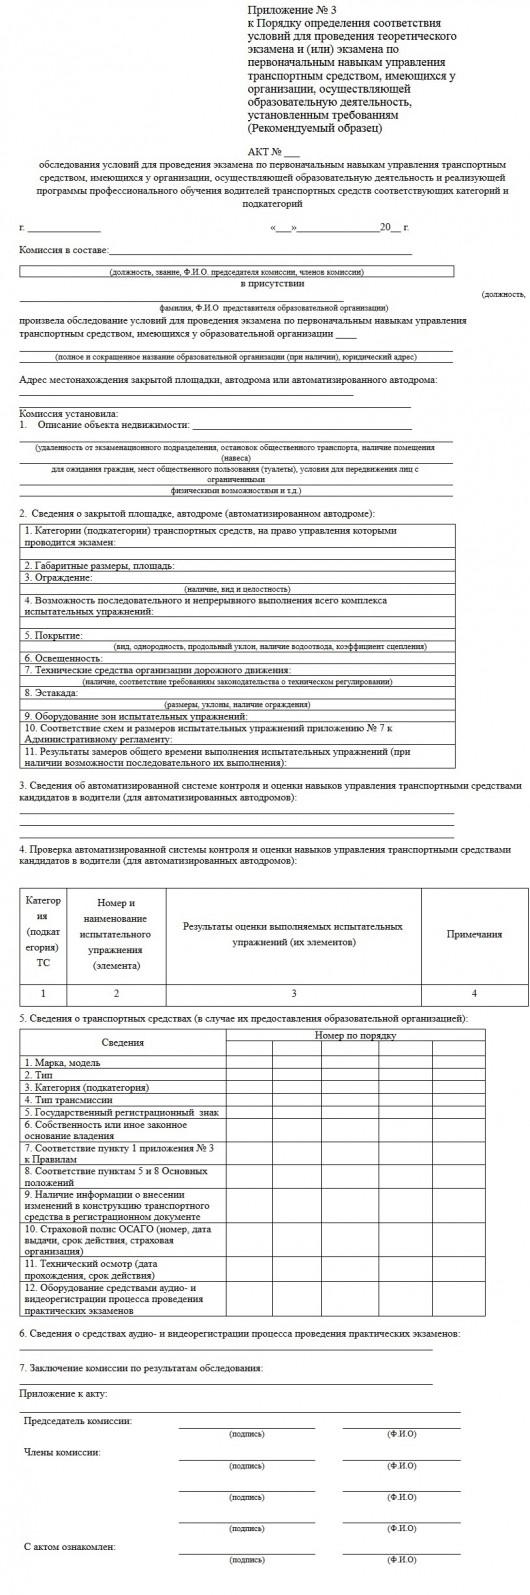 Сдача экзаменов на права в автошколе с 1 сентября 2016 года